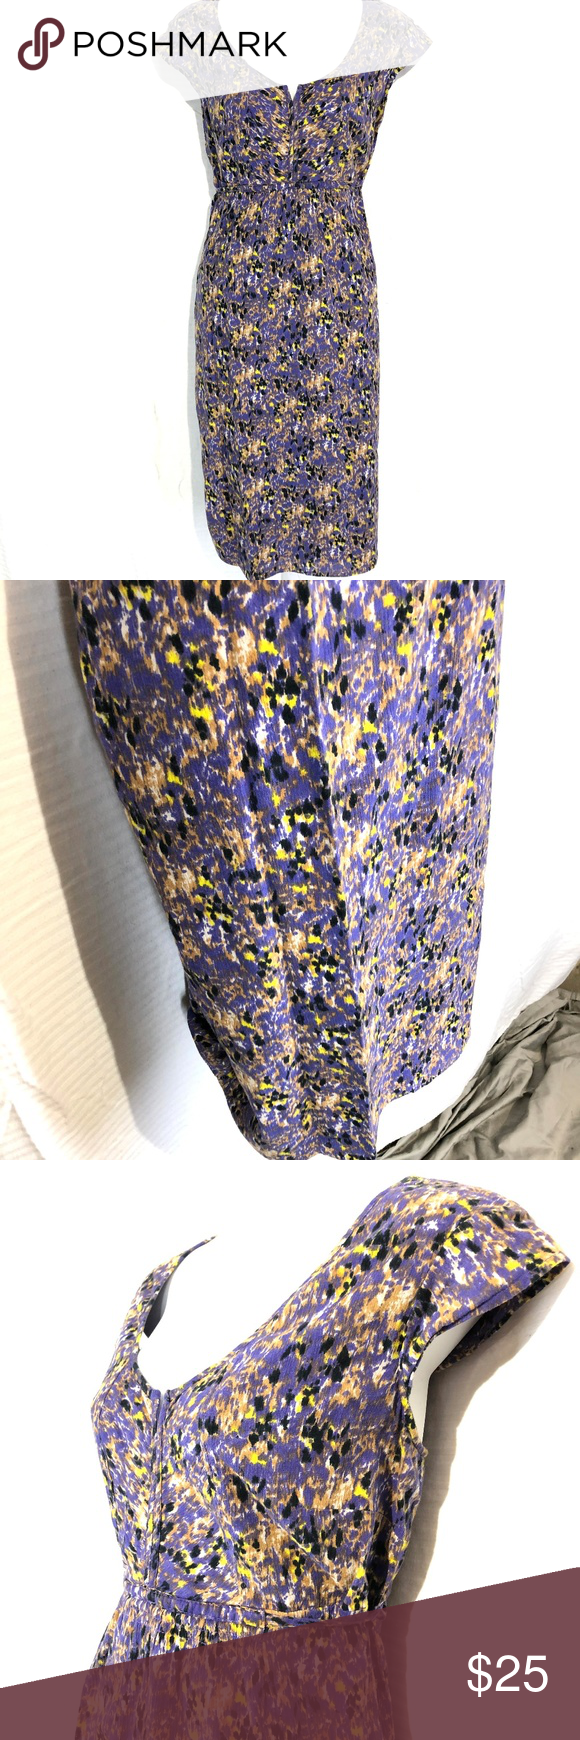 Eddie Bauer Purple Yellow Cotton Lined Dress 10 In 2020 Purple Yellow Purple Eddie Bauer